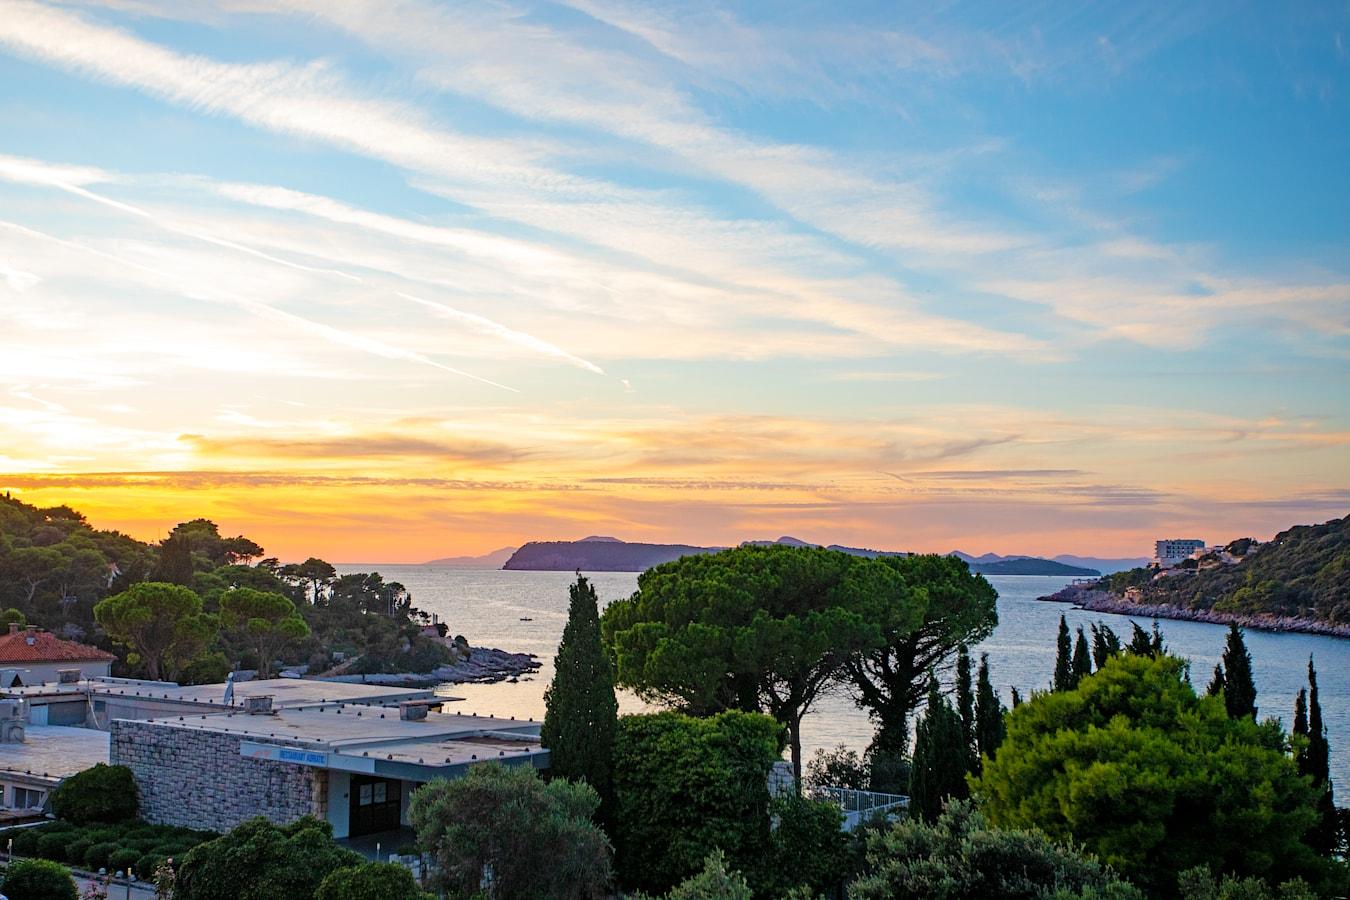 adriatic-hotel-dubrovnik-sea-view.jpg